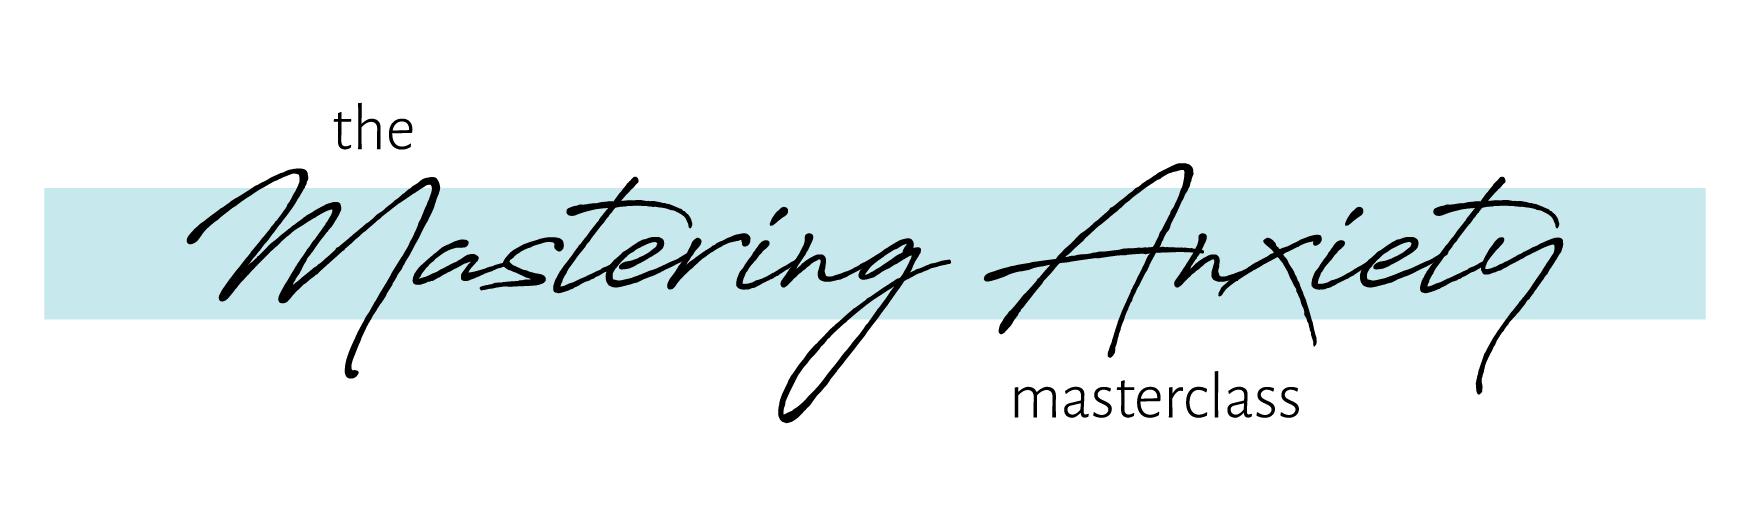 MAM logo-01.png